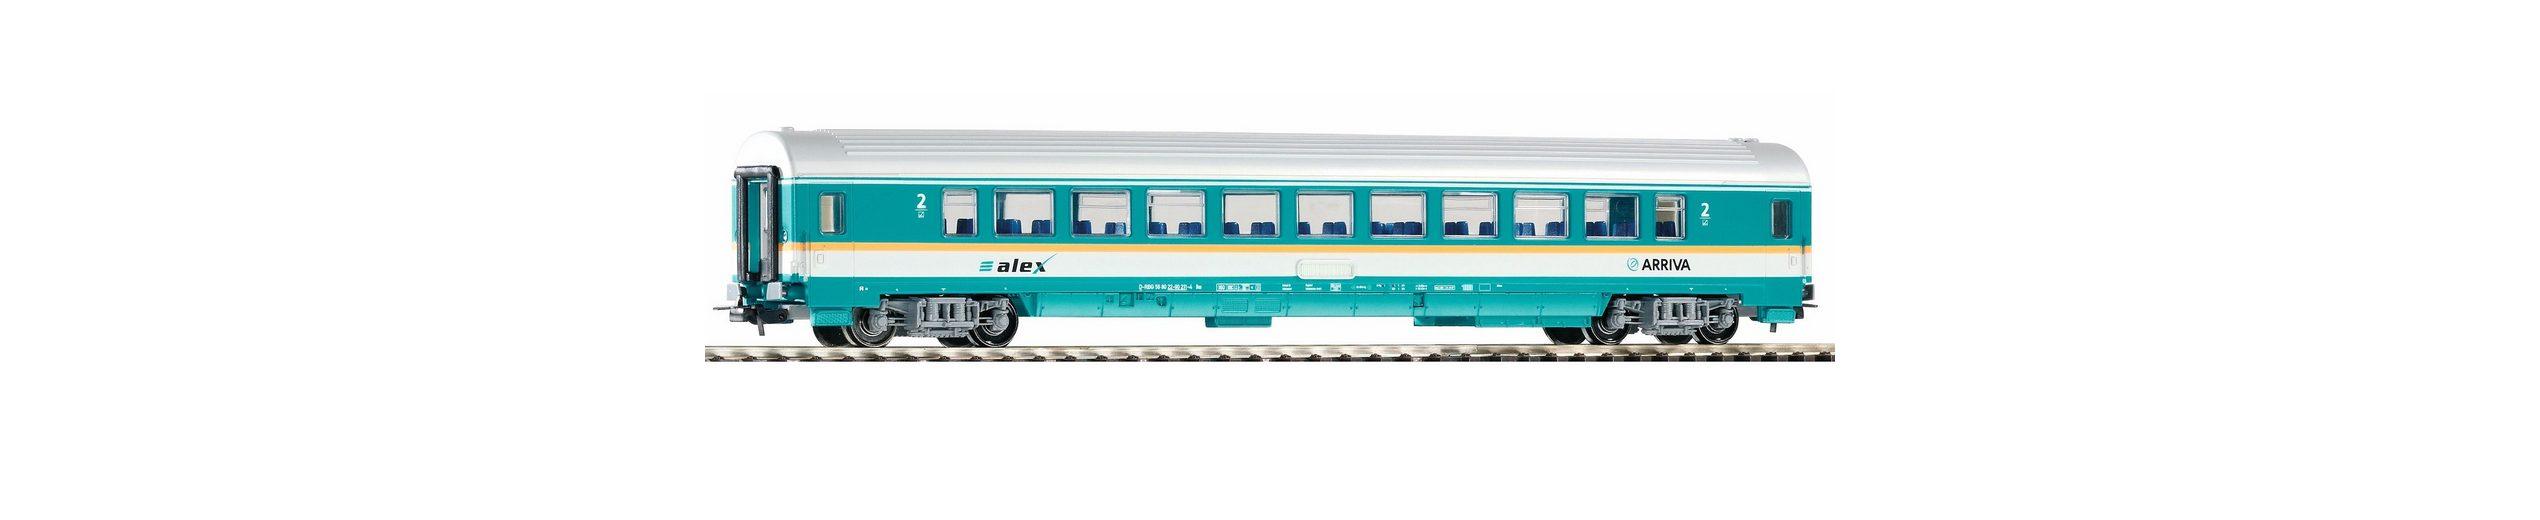 PIKO Personenwagen, »Waggon Arriva 2. Klasse - Gleichstrom« Spur H0